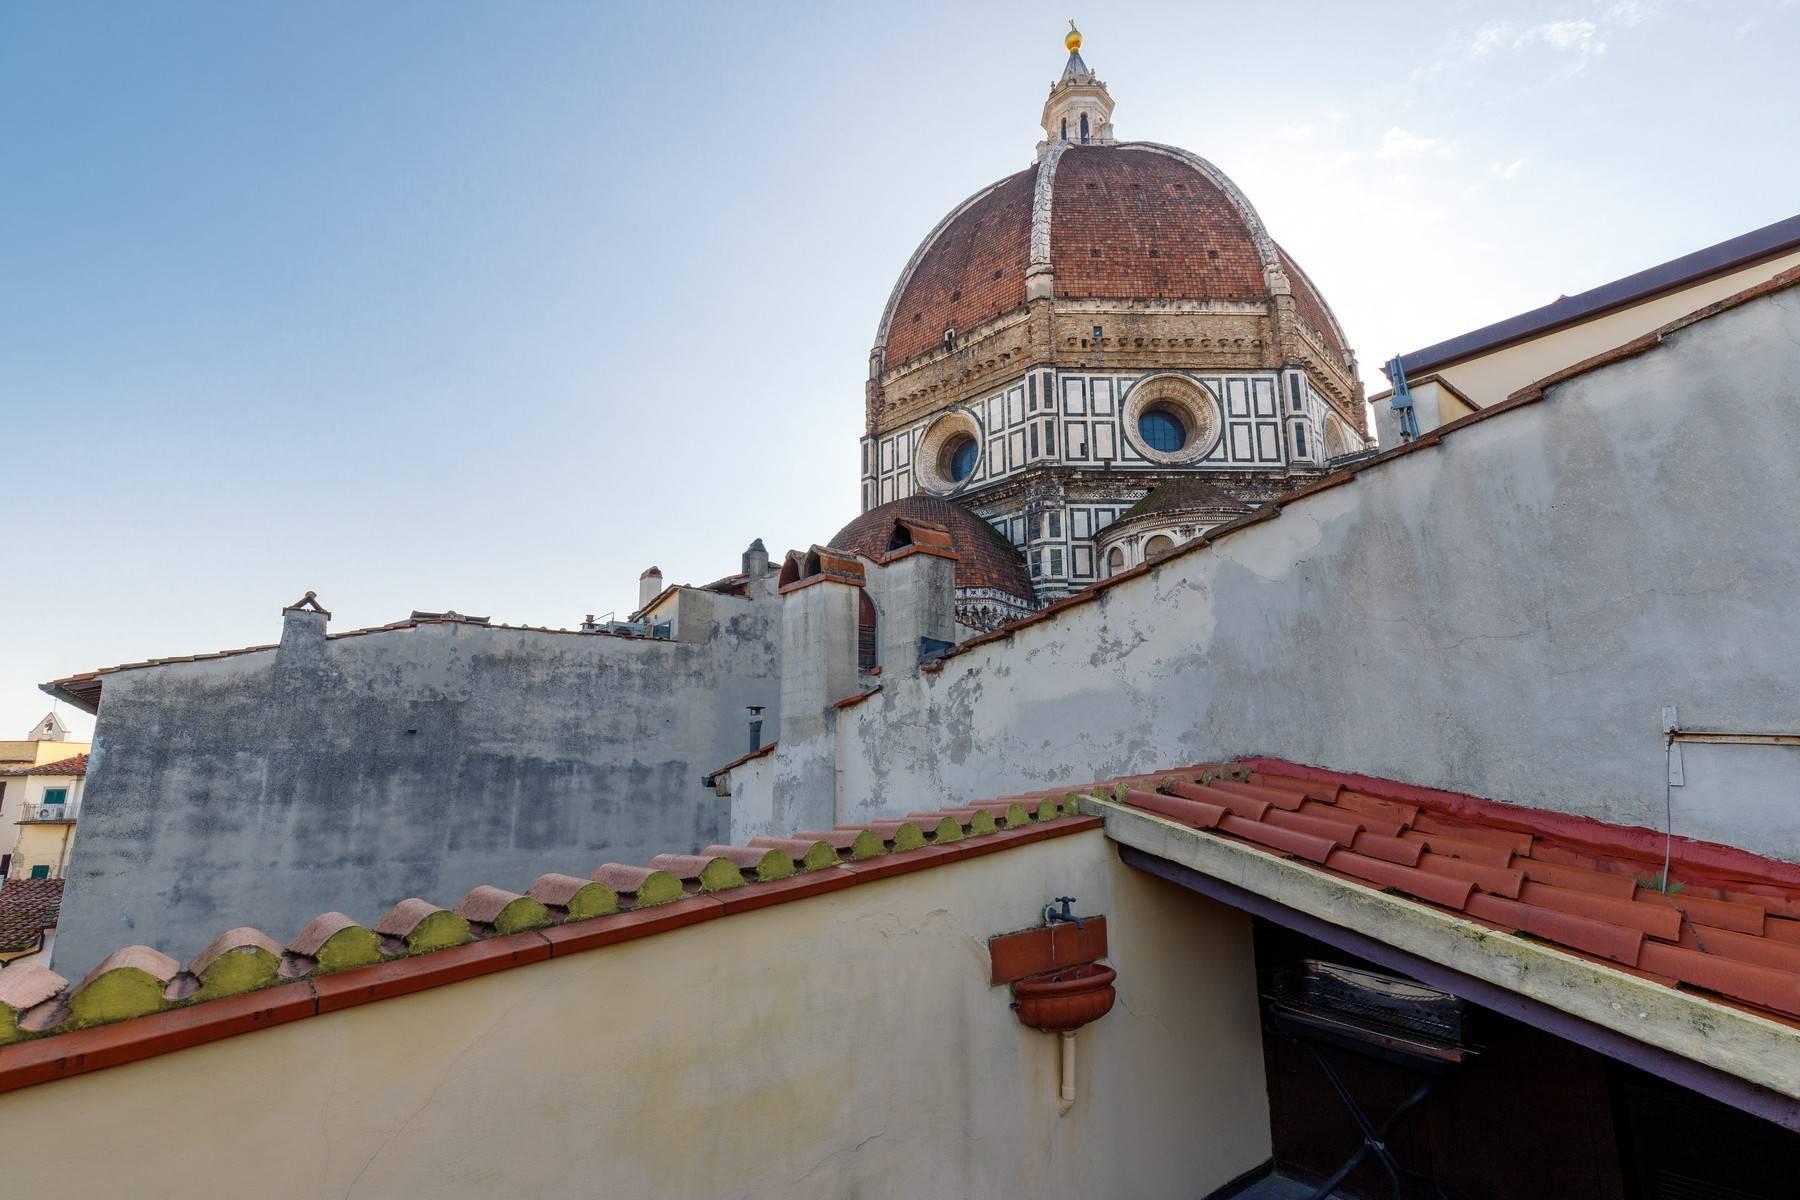 Attico con vista monumentale sul Duomo - 14